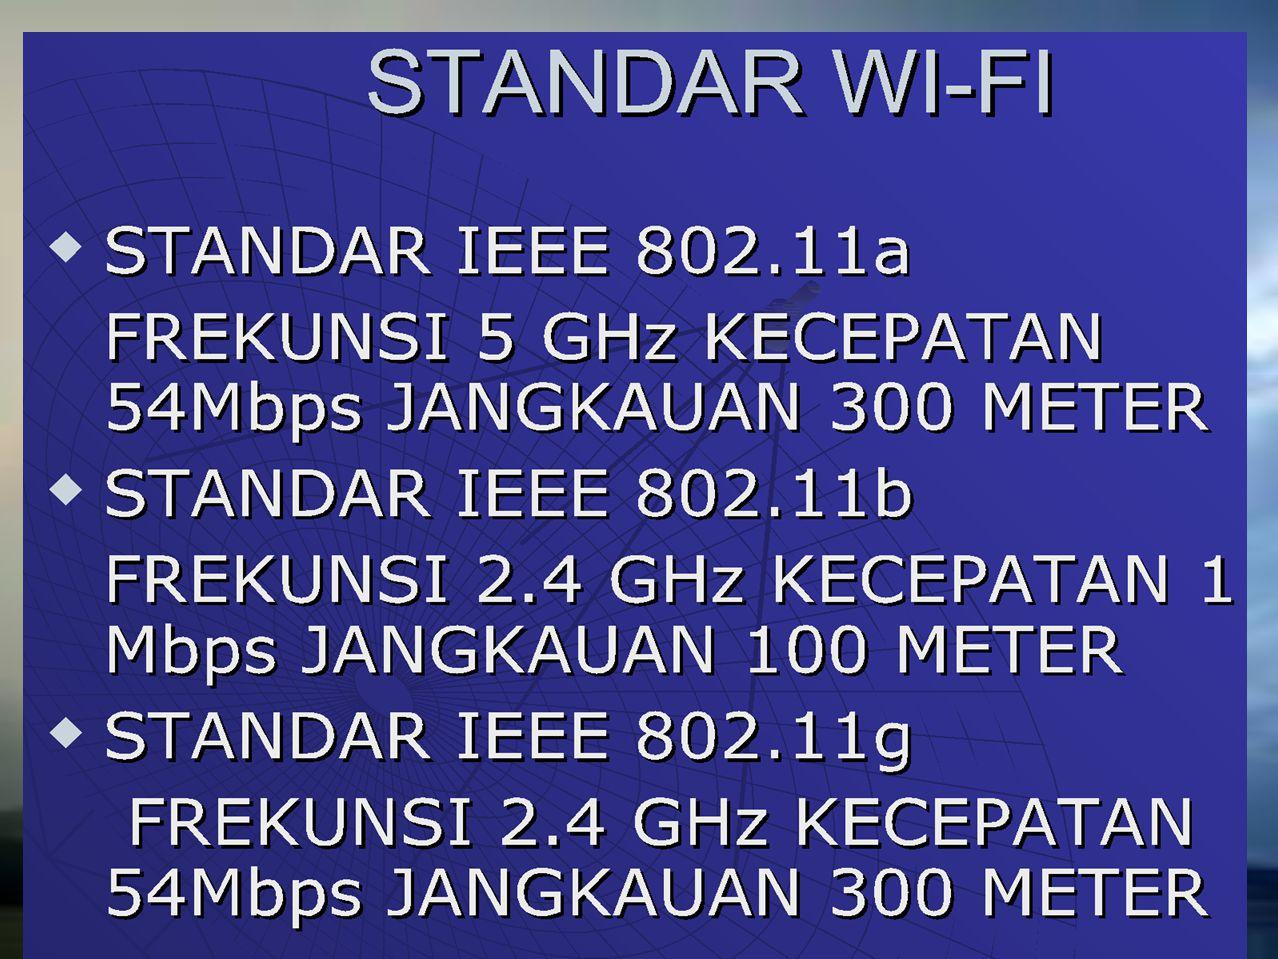 Wi-Fi (atau Wi-fi, WiFi, Wifi, wifi) merupakan kependekan dari Wireless Fidelity, memiliki pengertian yaitu sekumpulan standar yang digunakan untuk Jaringan Lokal Nirkabel (Wireless Local Area Networks - WLAN) yang didasari pada spesifikasi IEEE 802.11.